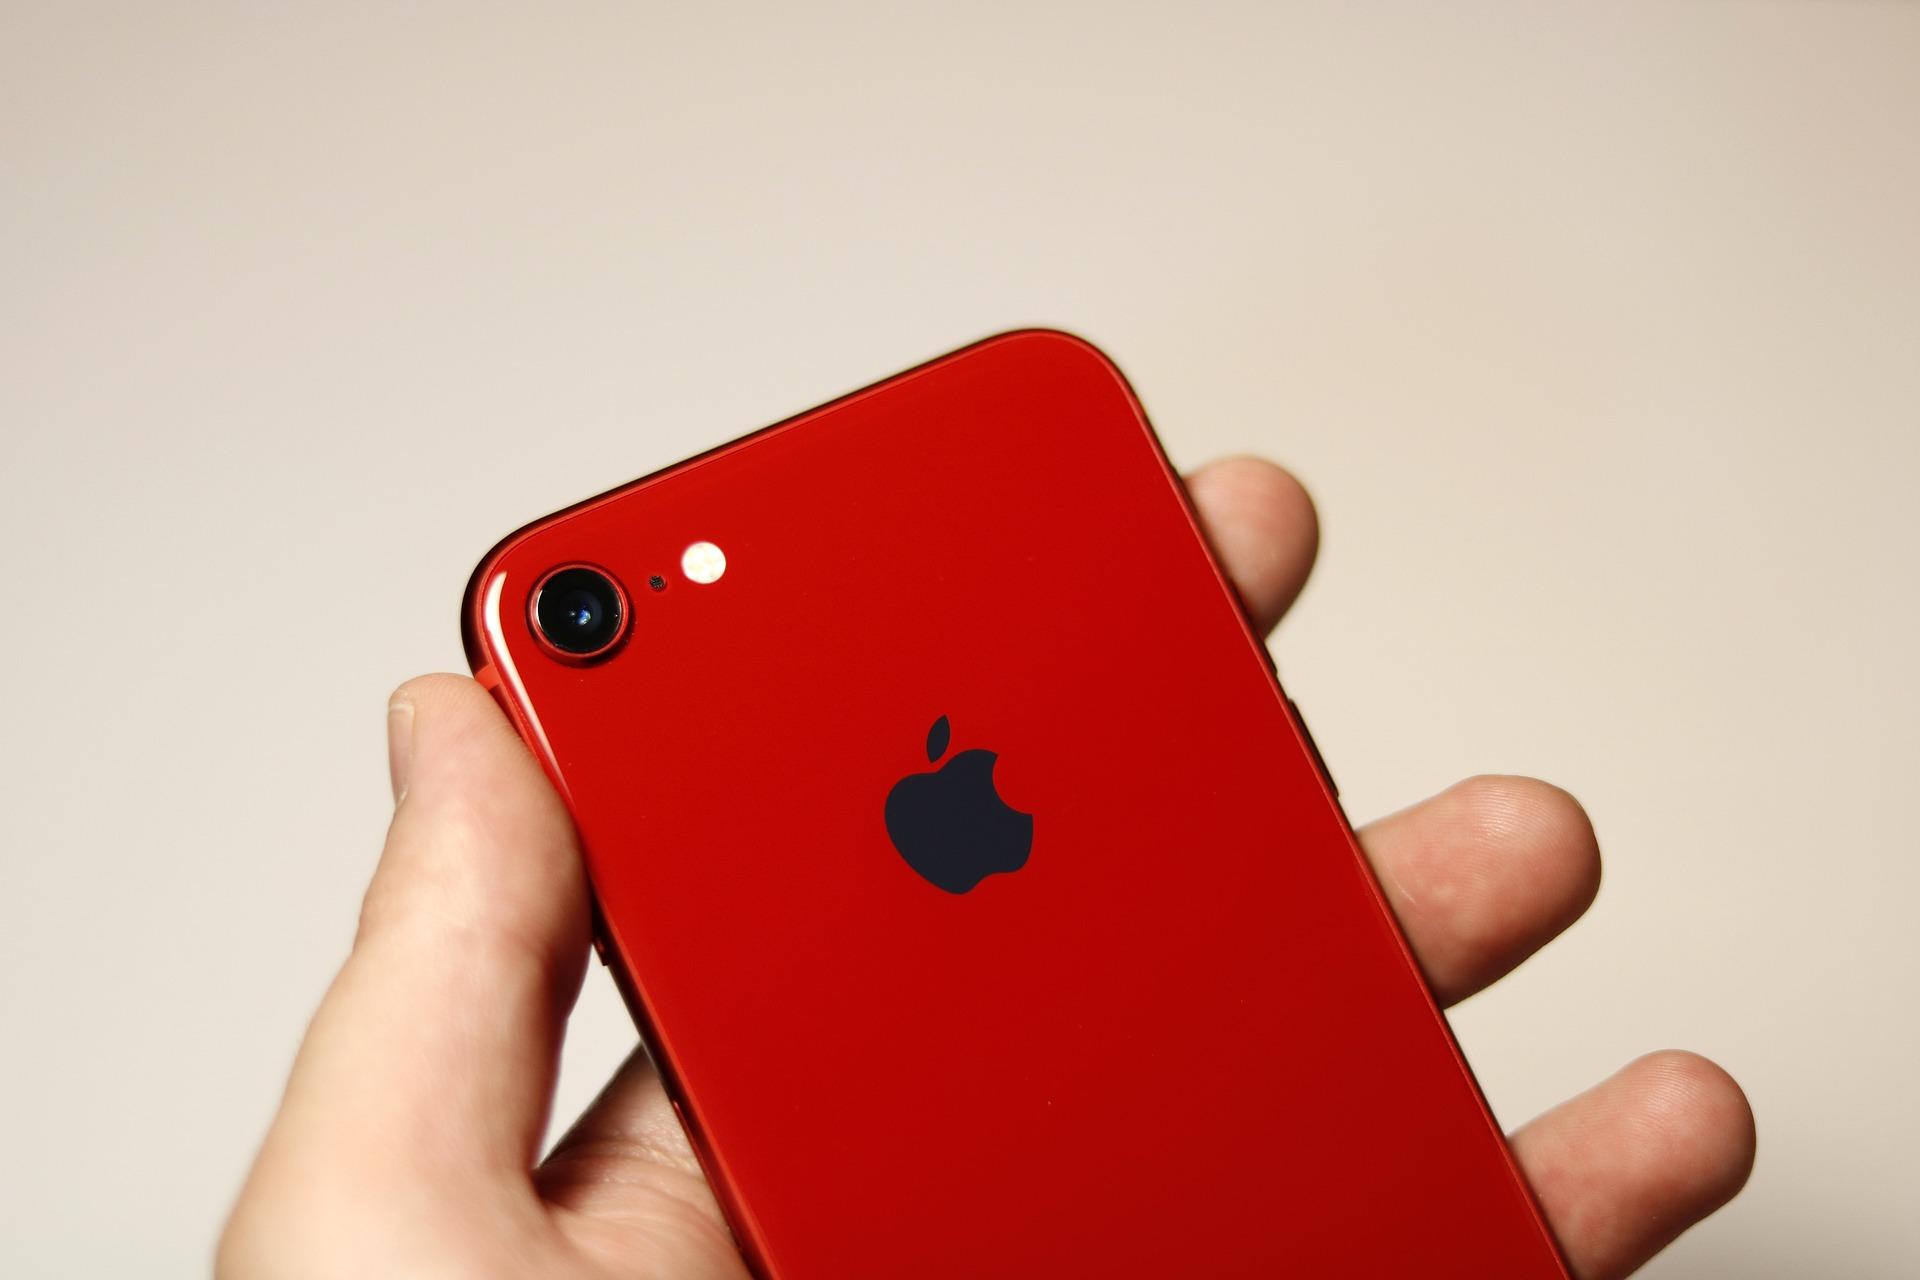 Wzmianki o iPhonie 9 Plus zostały znalezione w kodzie iOS 14